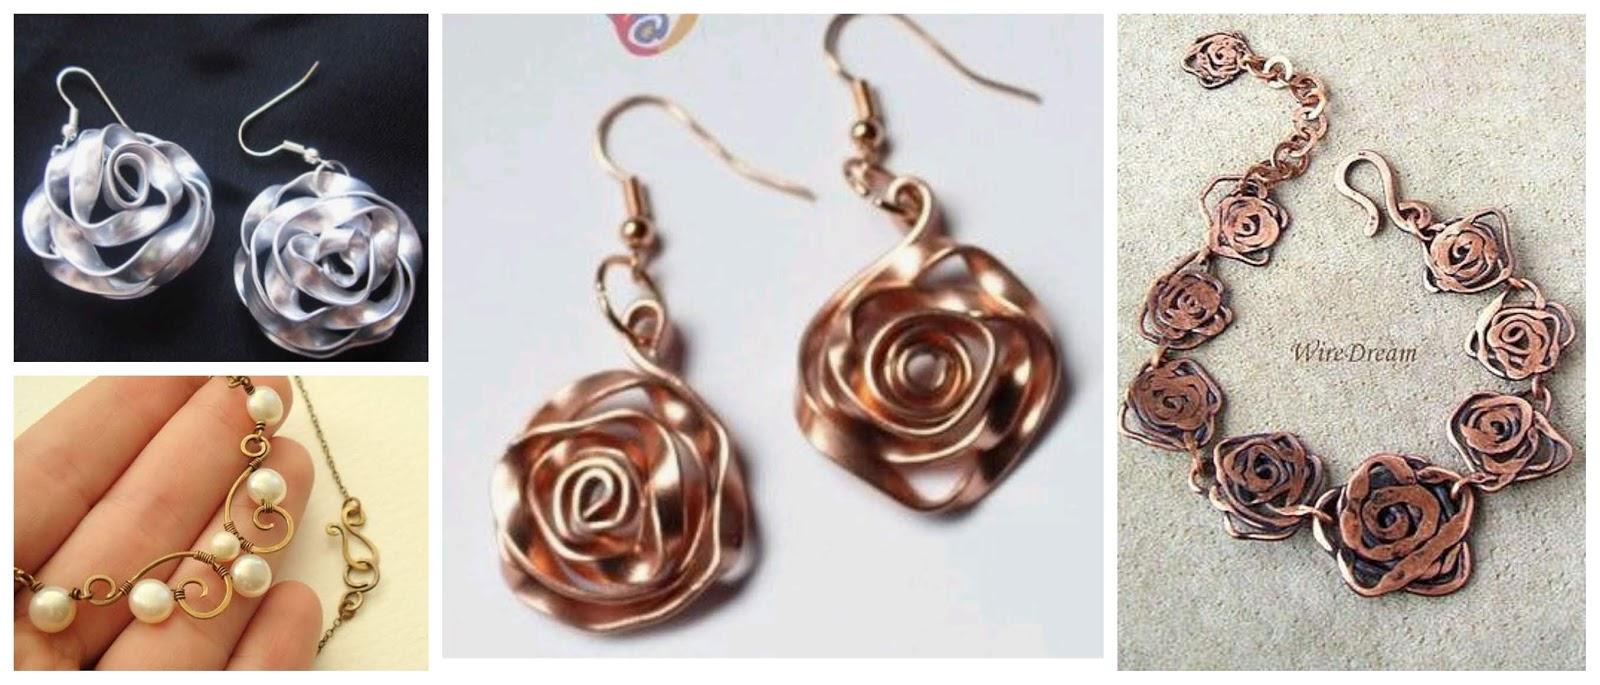 a4bd31847d2c Aprende cómo hacer rosas para aretes y collares usando alambre plano ...